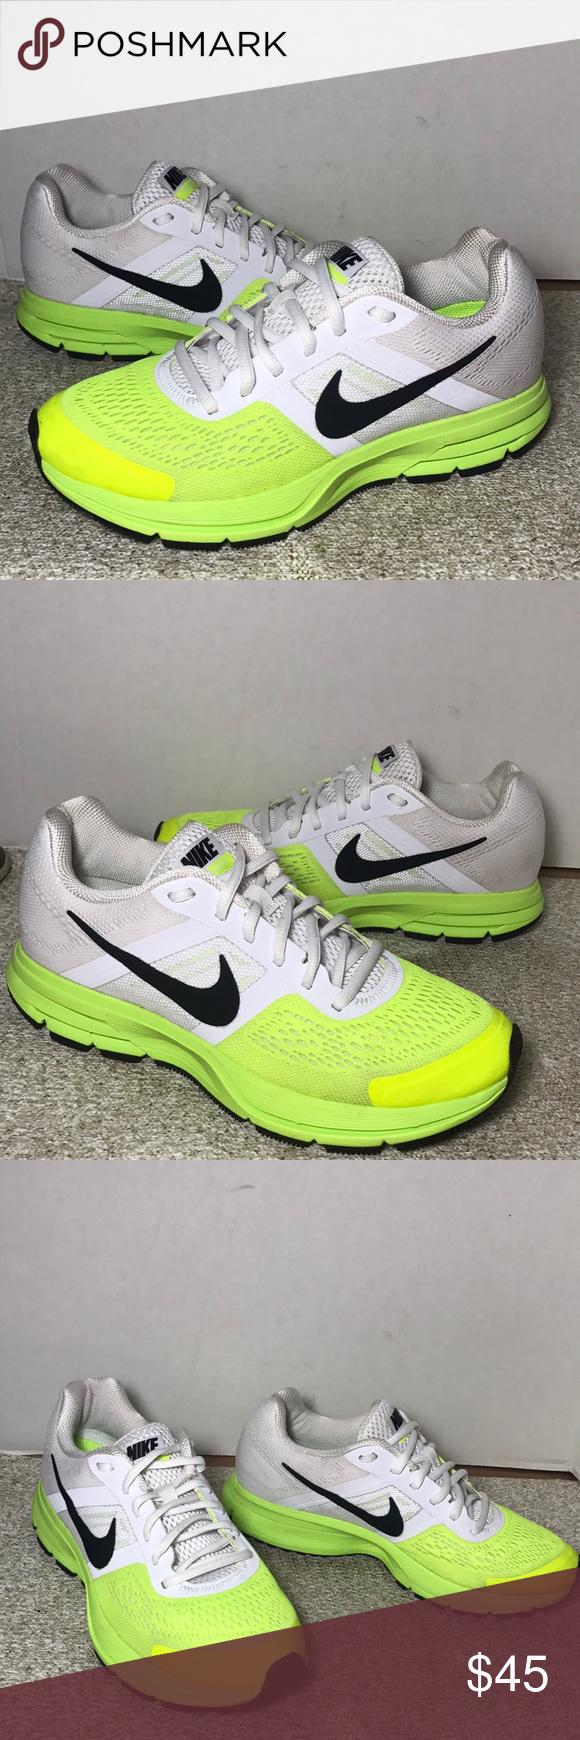 7e8ca58dba65 Nike PEGASUS 30 Running shoes size 30 Women s Nike PEGASUS 30 Running   training shoes in